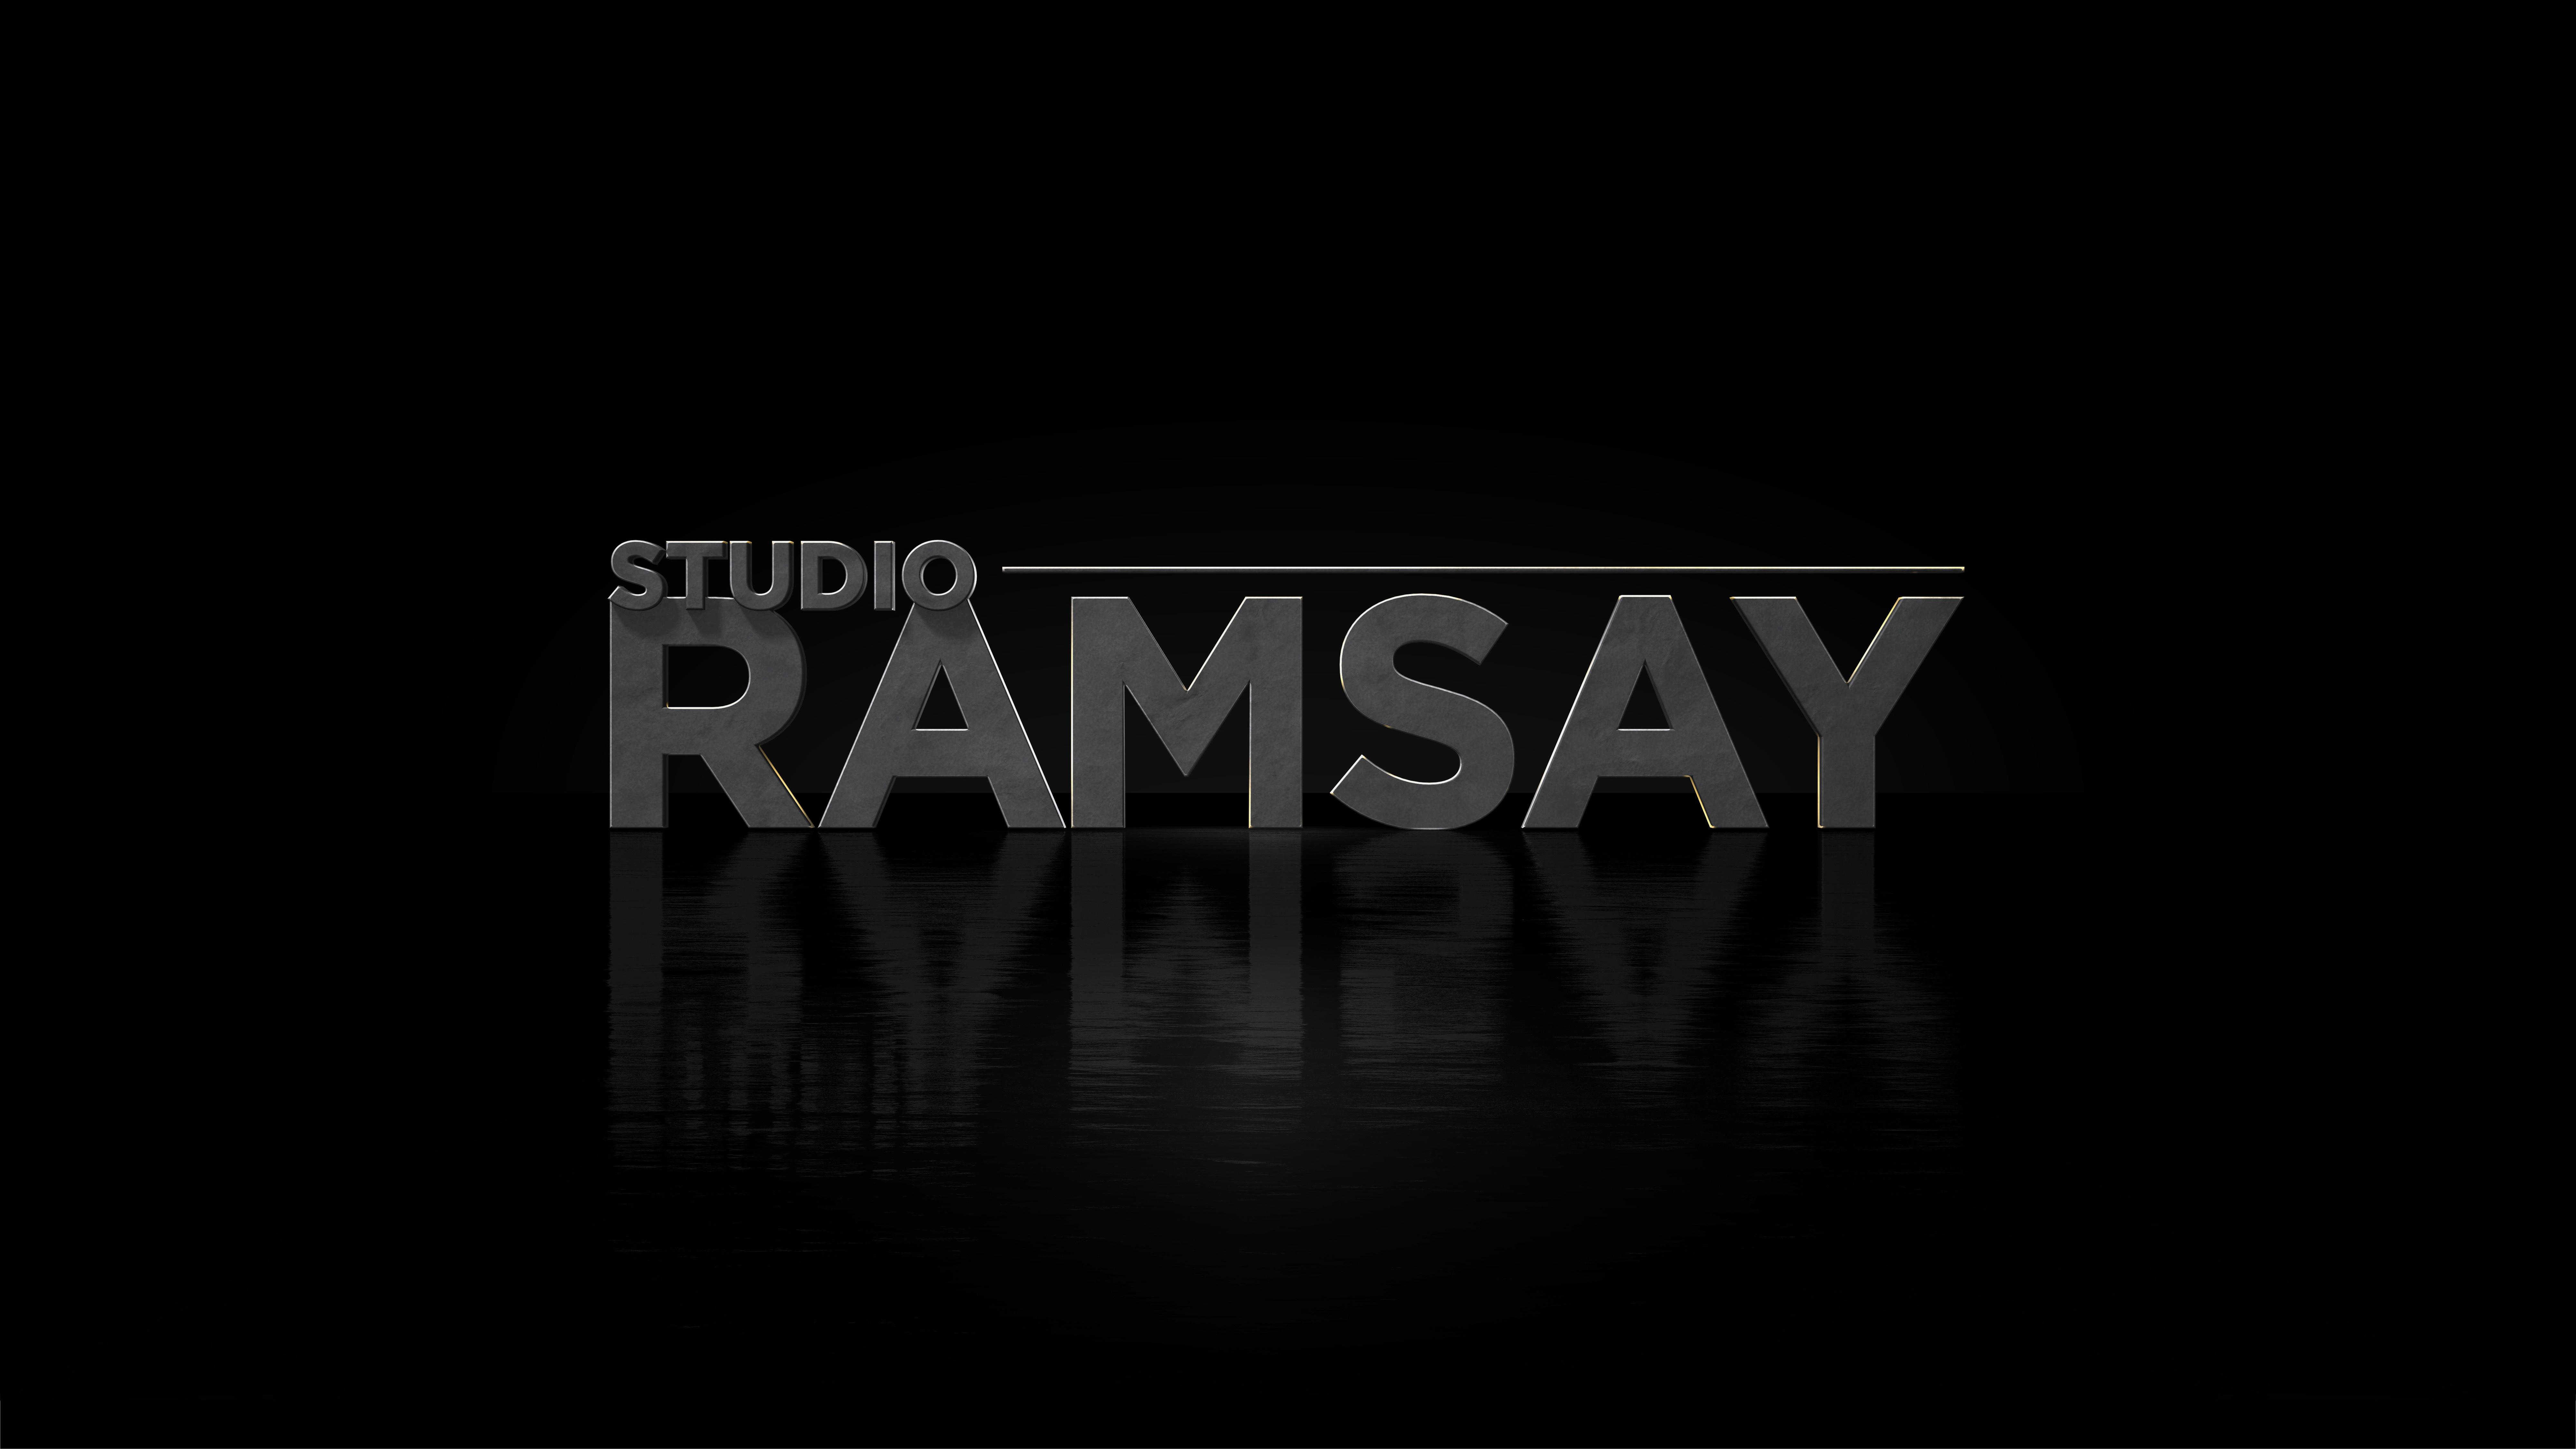 gordon-ramsay-logo-studio-ramsay